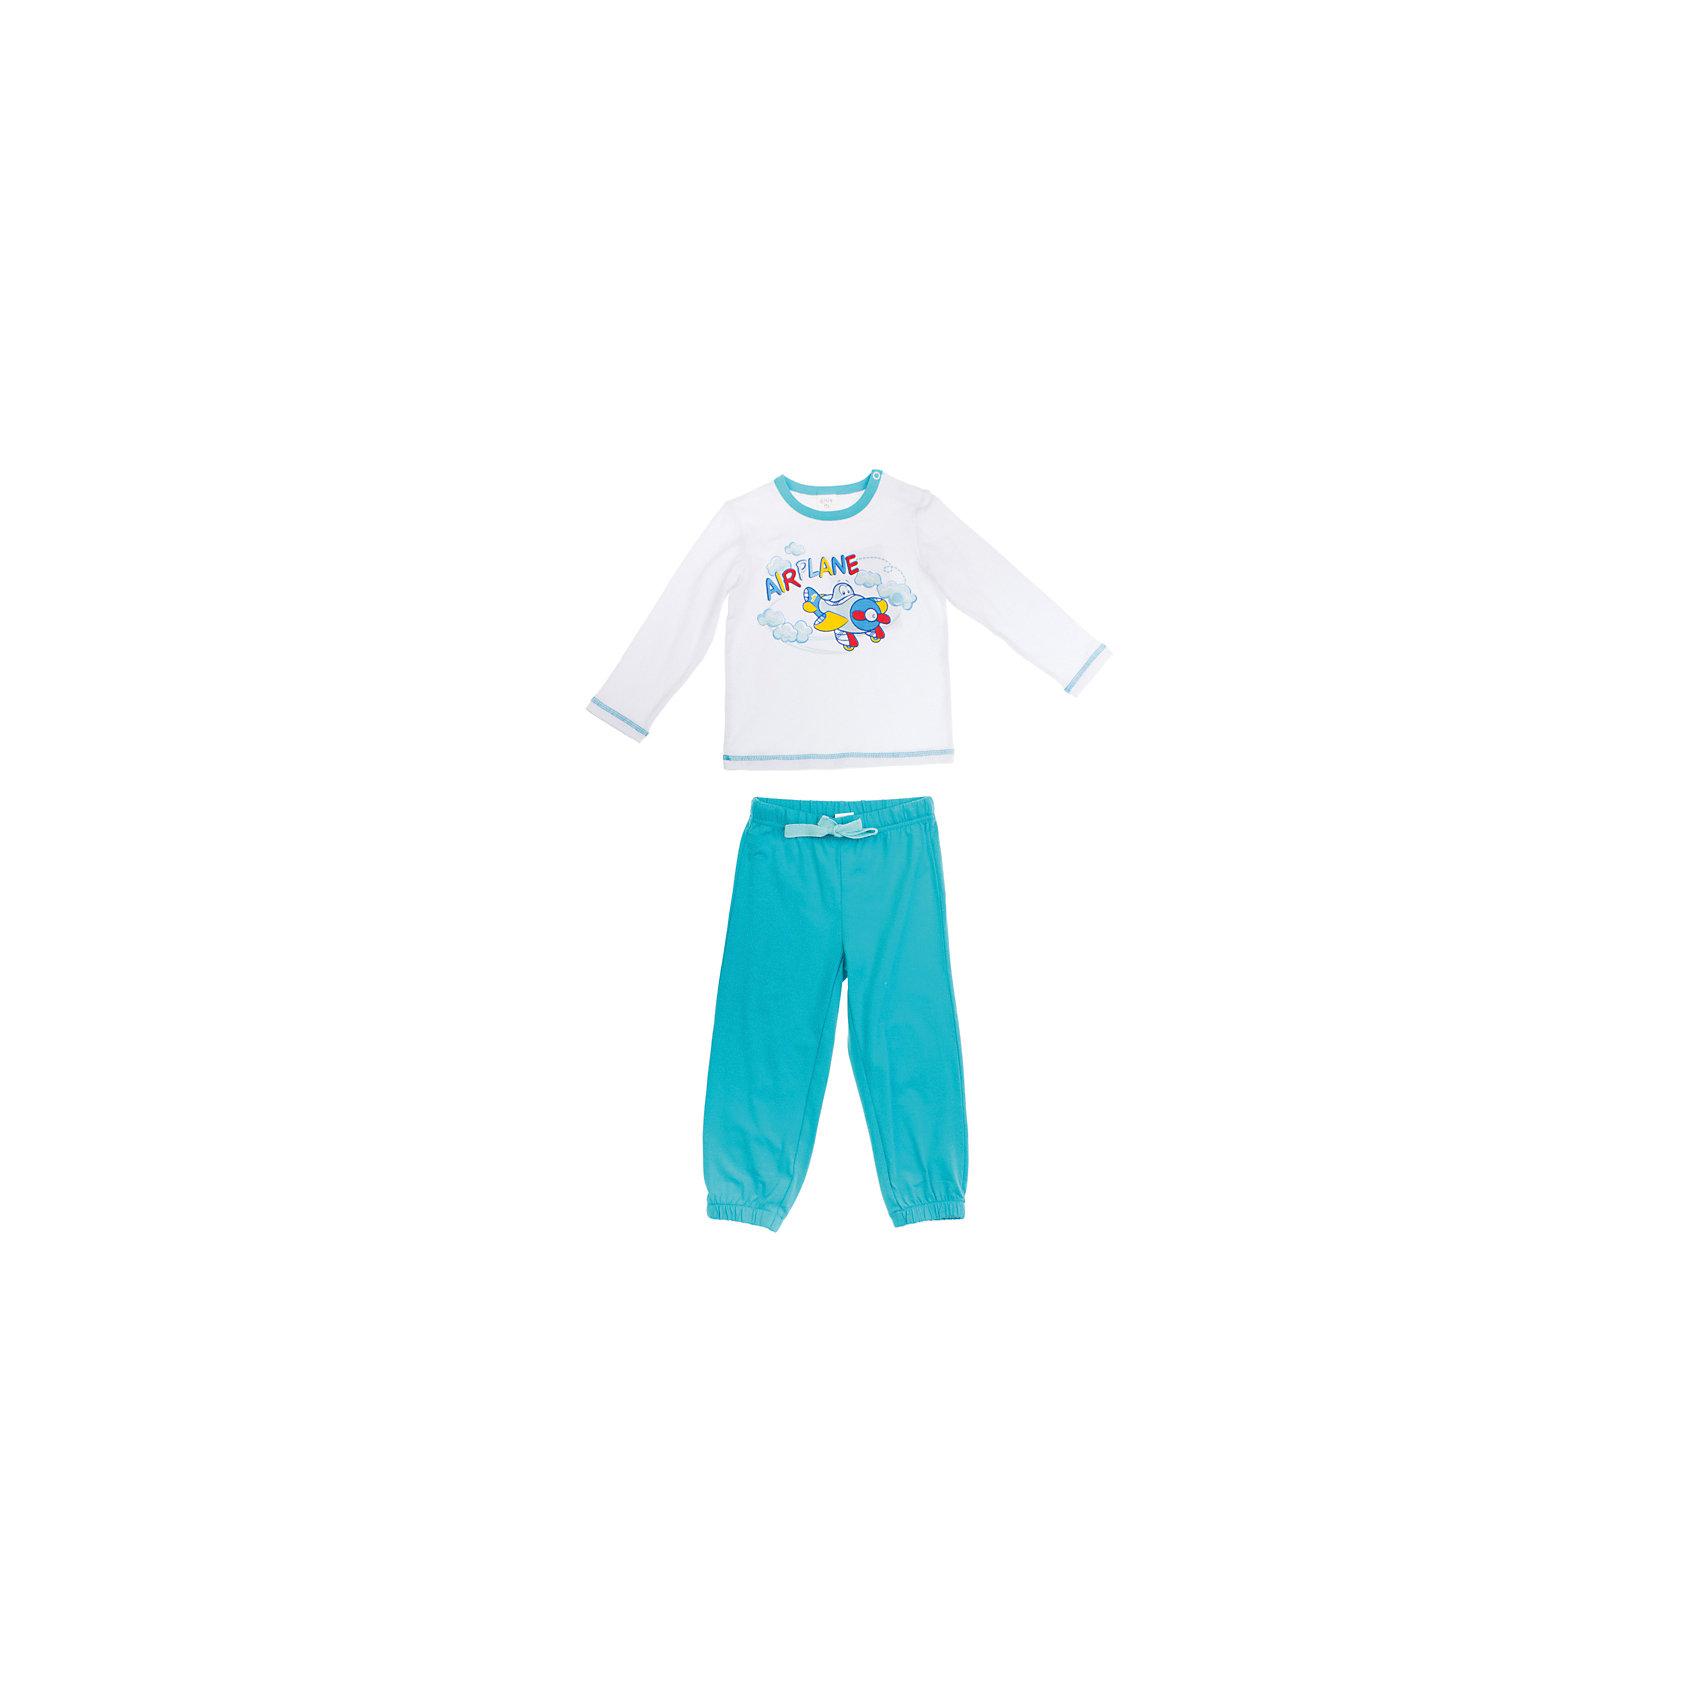 Комплект: футболка и штаны для мальчика PlayTodayКомплект для мальчика от известного бренда PlayToday<br>Комплект из футболки с длинными рукавами и спортивных брюк. Футболка украшена водным принтом с самолетом. Застегивается на кнопки на плече. Пояс и низ штанишек на мягкой резинке,<br>есть регулирующий шнурок.<br>Состав:<br>95% хлопок, 5% эластан<br><br>Ширина мм: 247<br>Глубина мм: 16<br>Высота мм: 140<br>Вес г: 225<br>Цвет: голубой<br>Возраст от месяцев: 6<br>Возраст до месяцев: 9<br>Пол: Мужской<br>Возраст: Детский<br>Размер: 74,92,86,80<br>SKU: 4789835